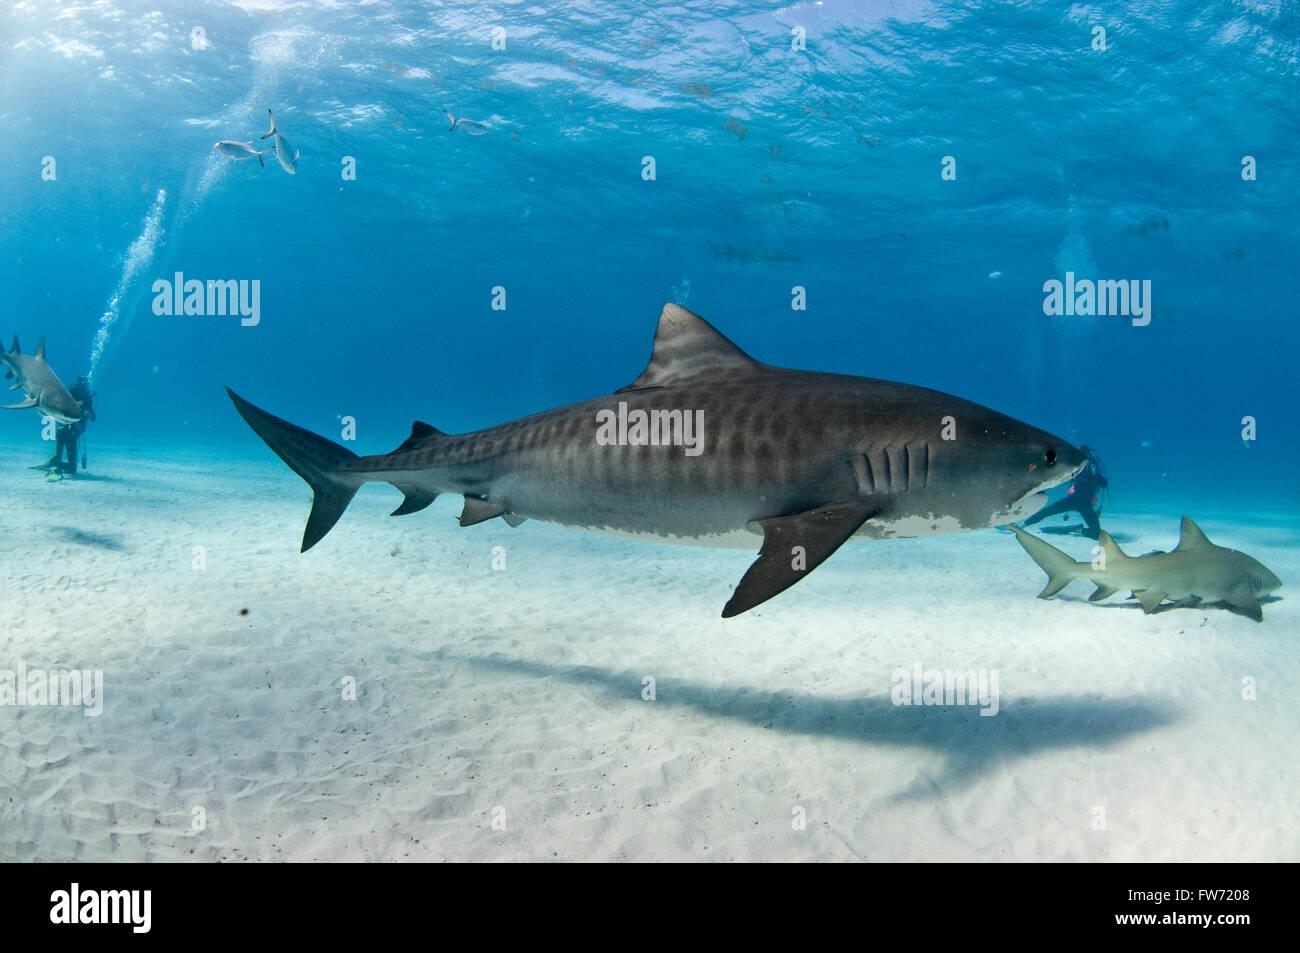 Ein Tigerhai mit schönen Abzeichen Schwimmen unter Tauchern und Zitrone-Haifische. Stockbild